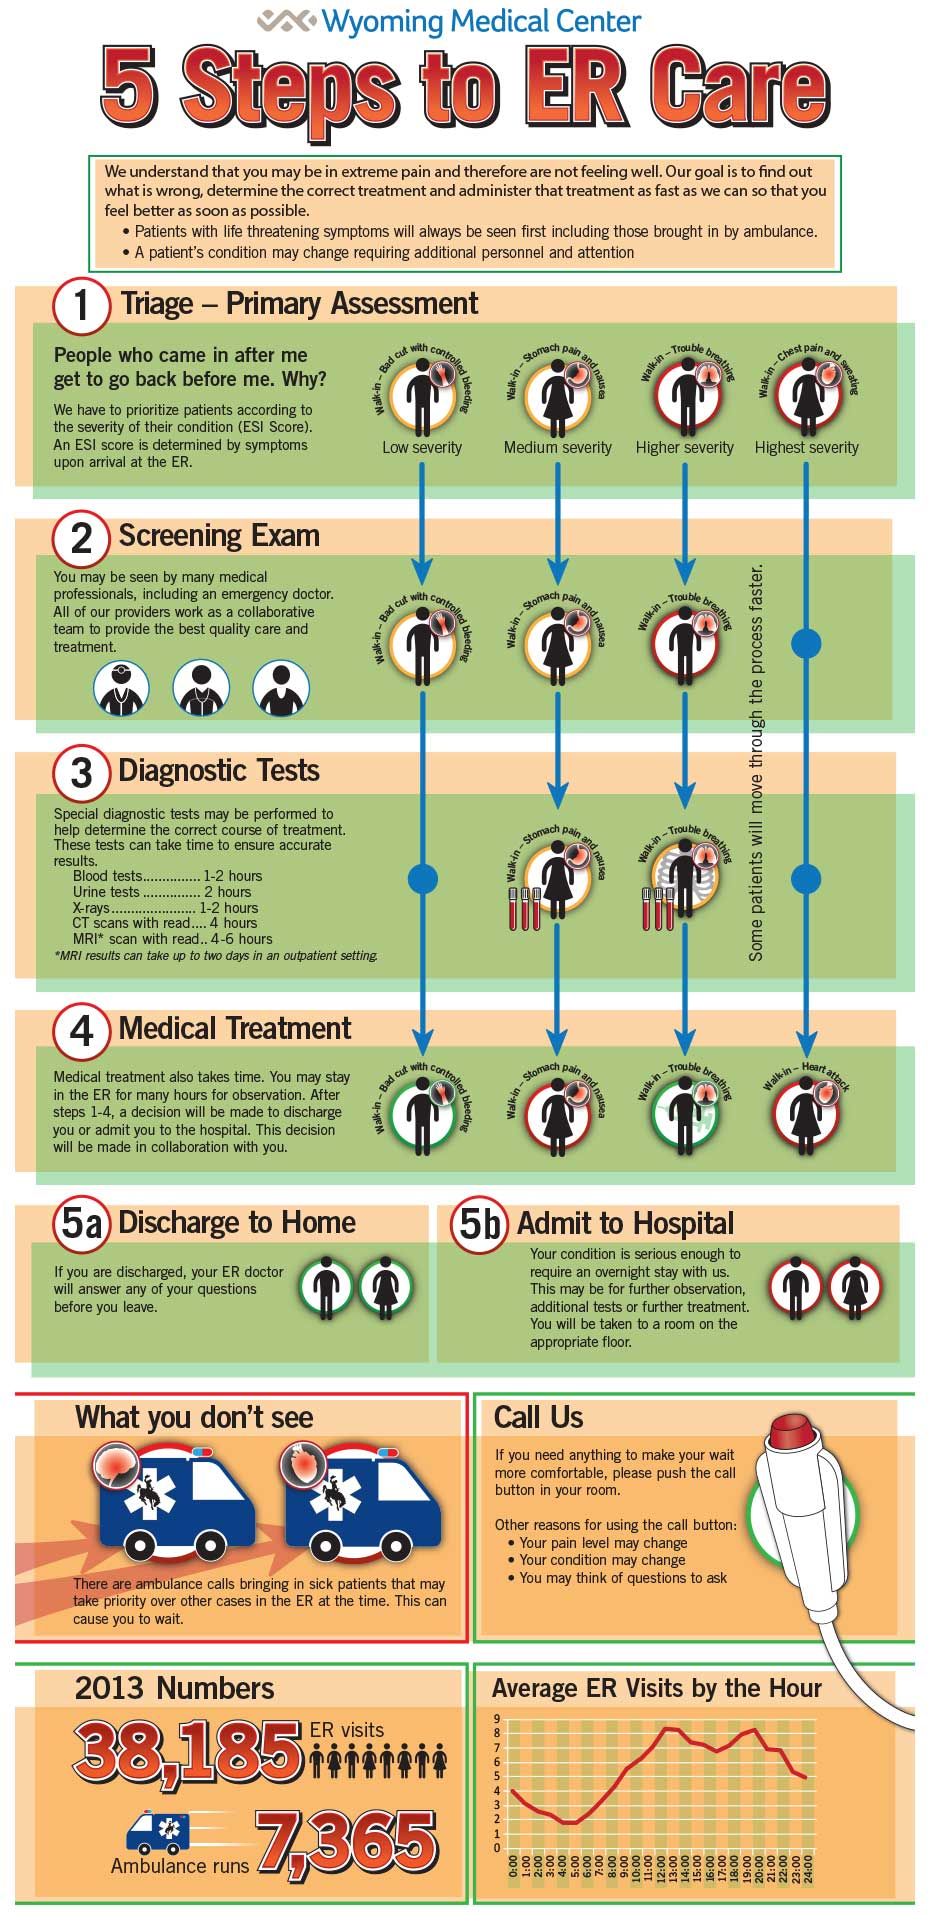 WMC-5-Steps-to-ER